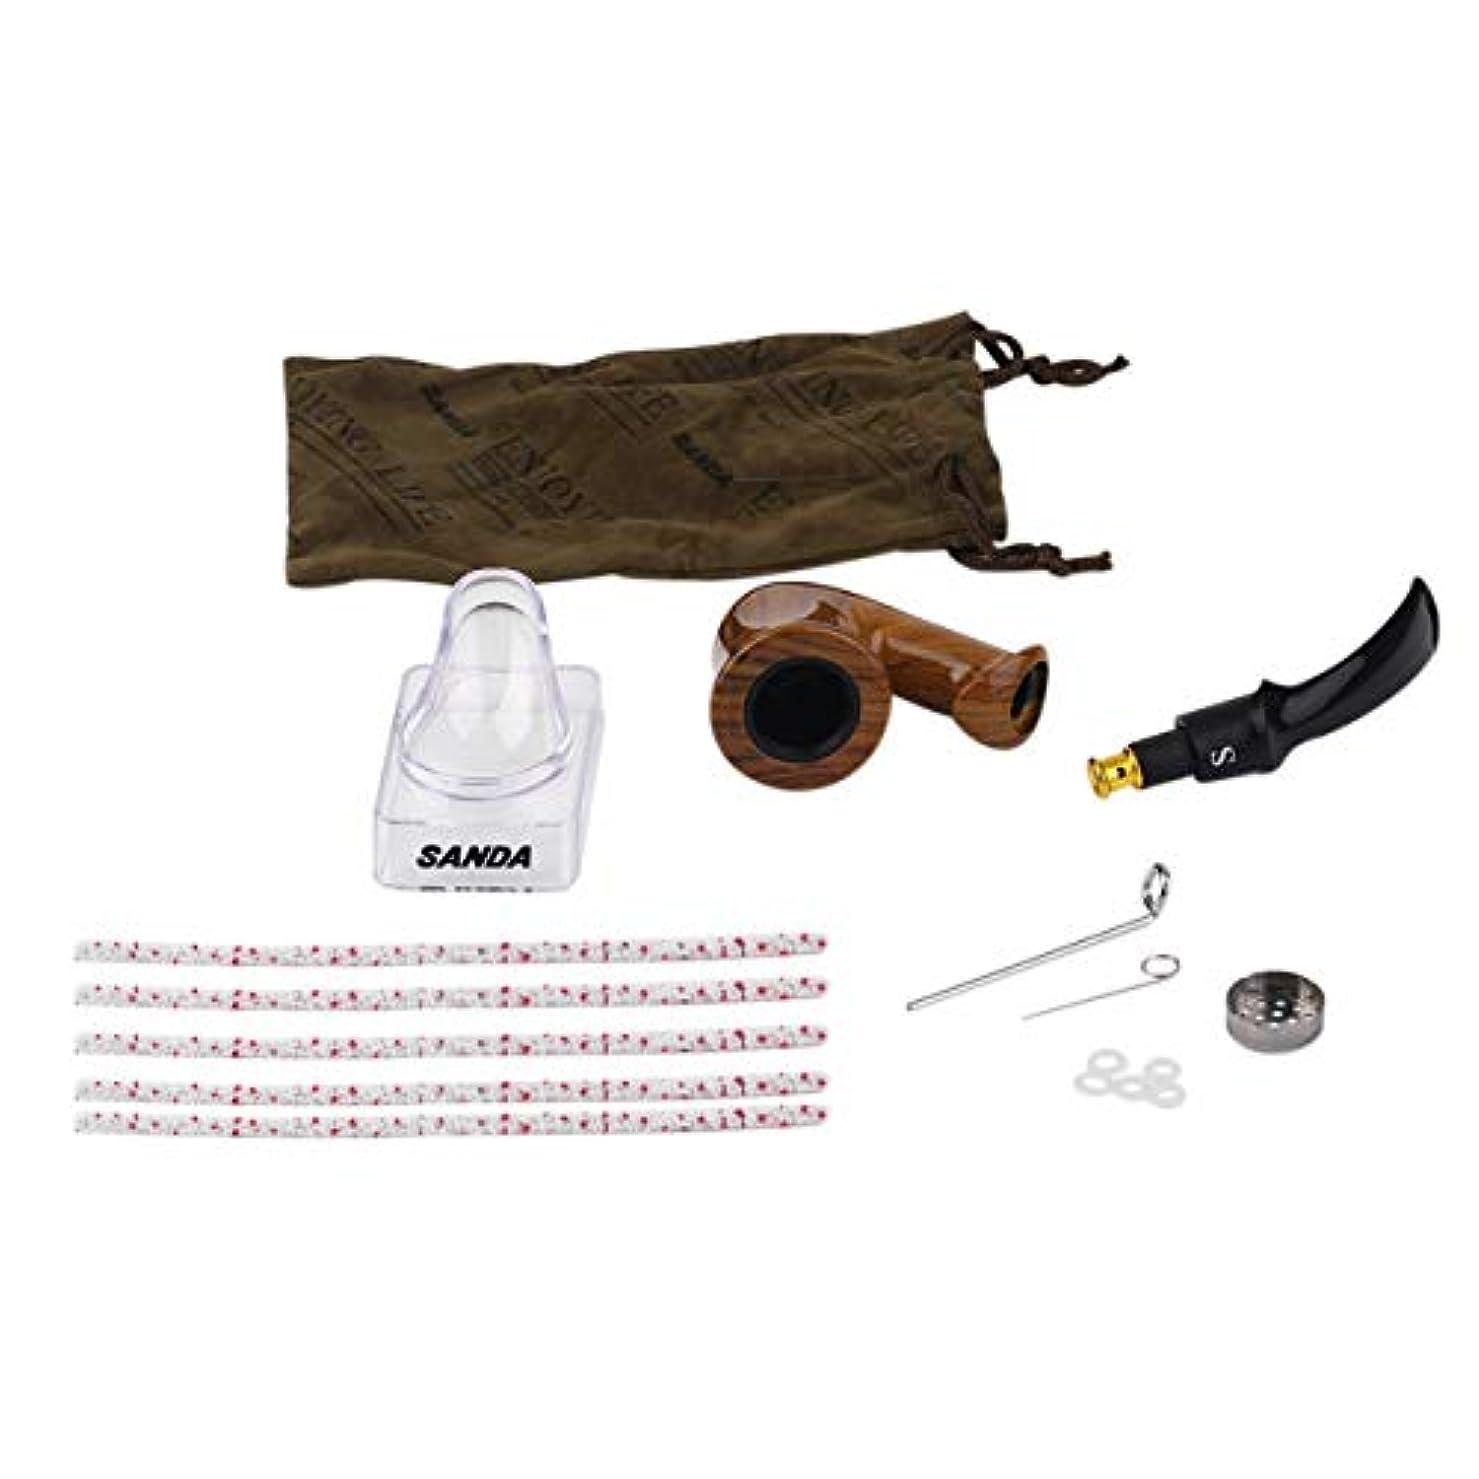 拡散するキャロライン開拓者Saikogoods 耐久性のある喫煙パイプ木製パイプ煙喫煙木製の喫煙パイプの雑草パイプ男性のための最高の贈り物2色 褐色